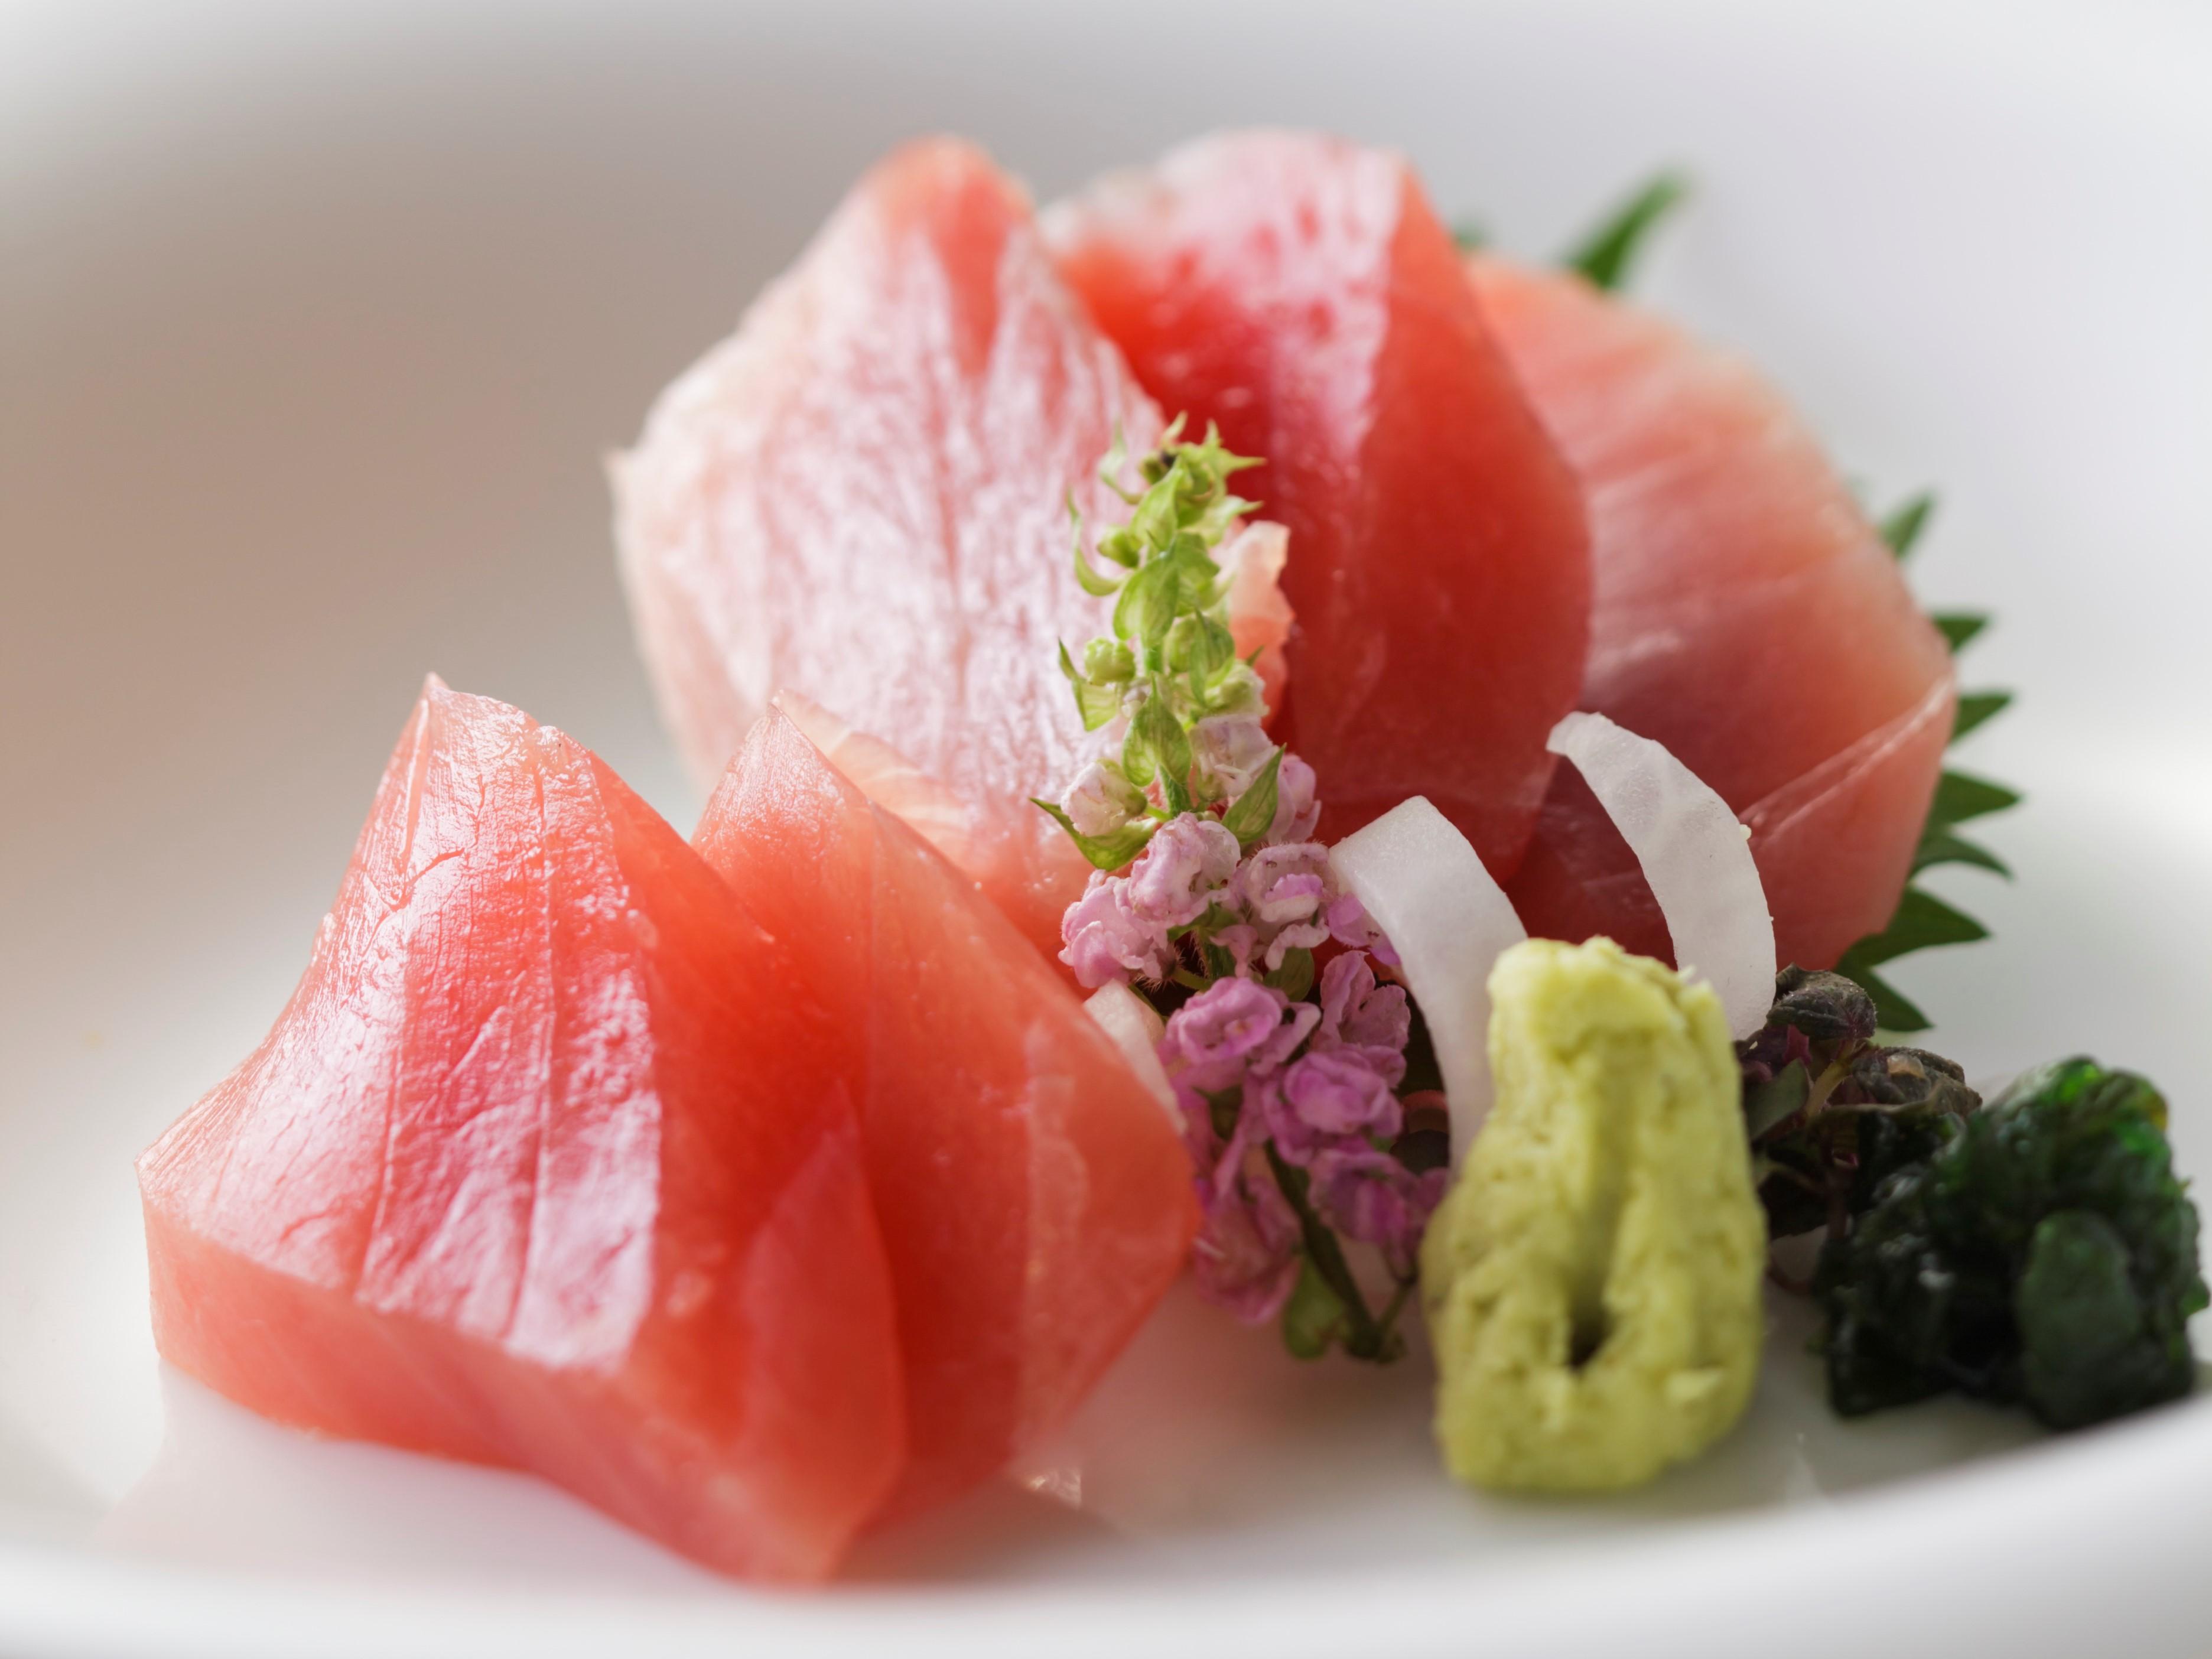 料理イメージ・お写真は、マグロ5種を食べ比べ!「マグロ膳」